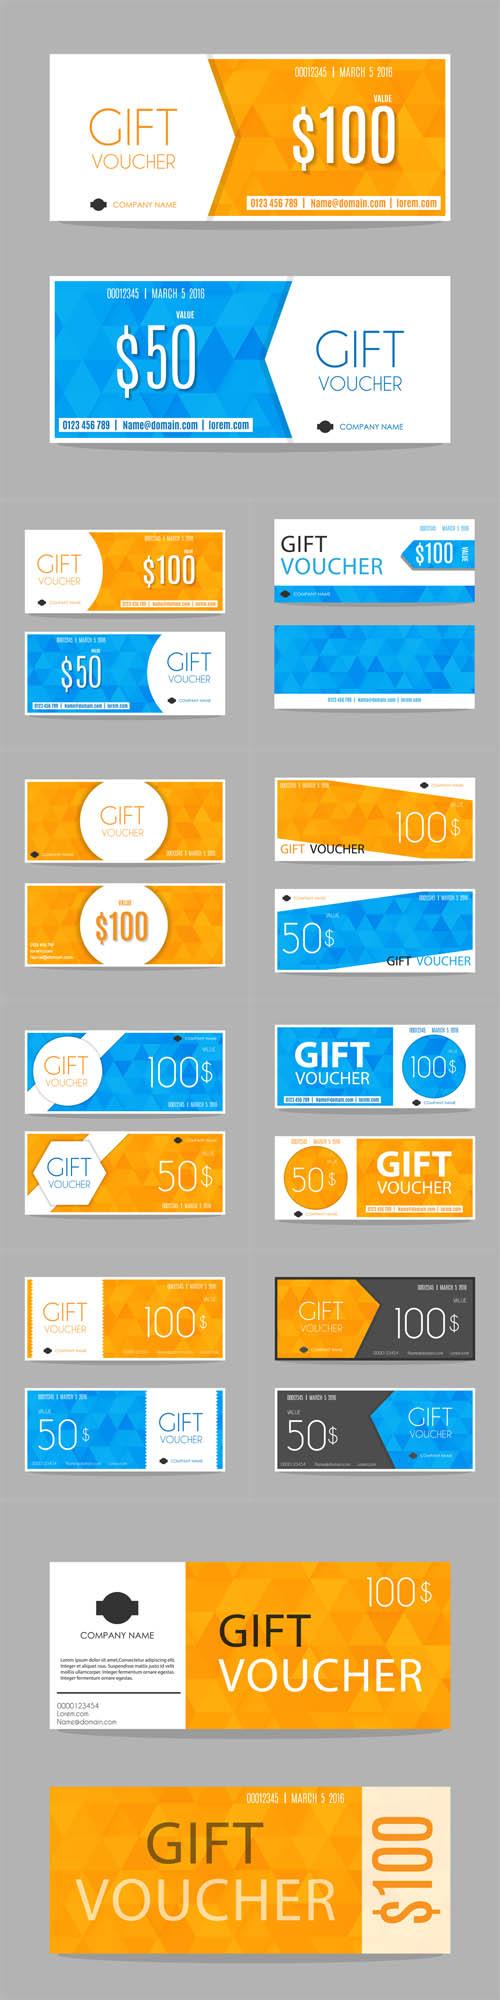 Vector Blue Yellow Gift Voucher Templates